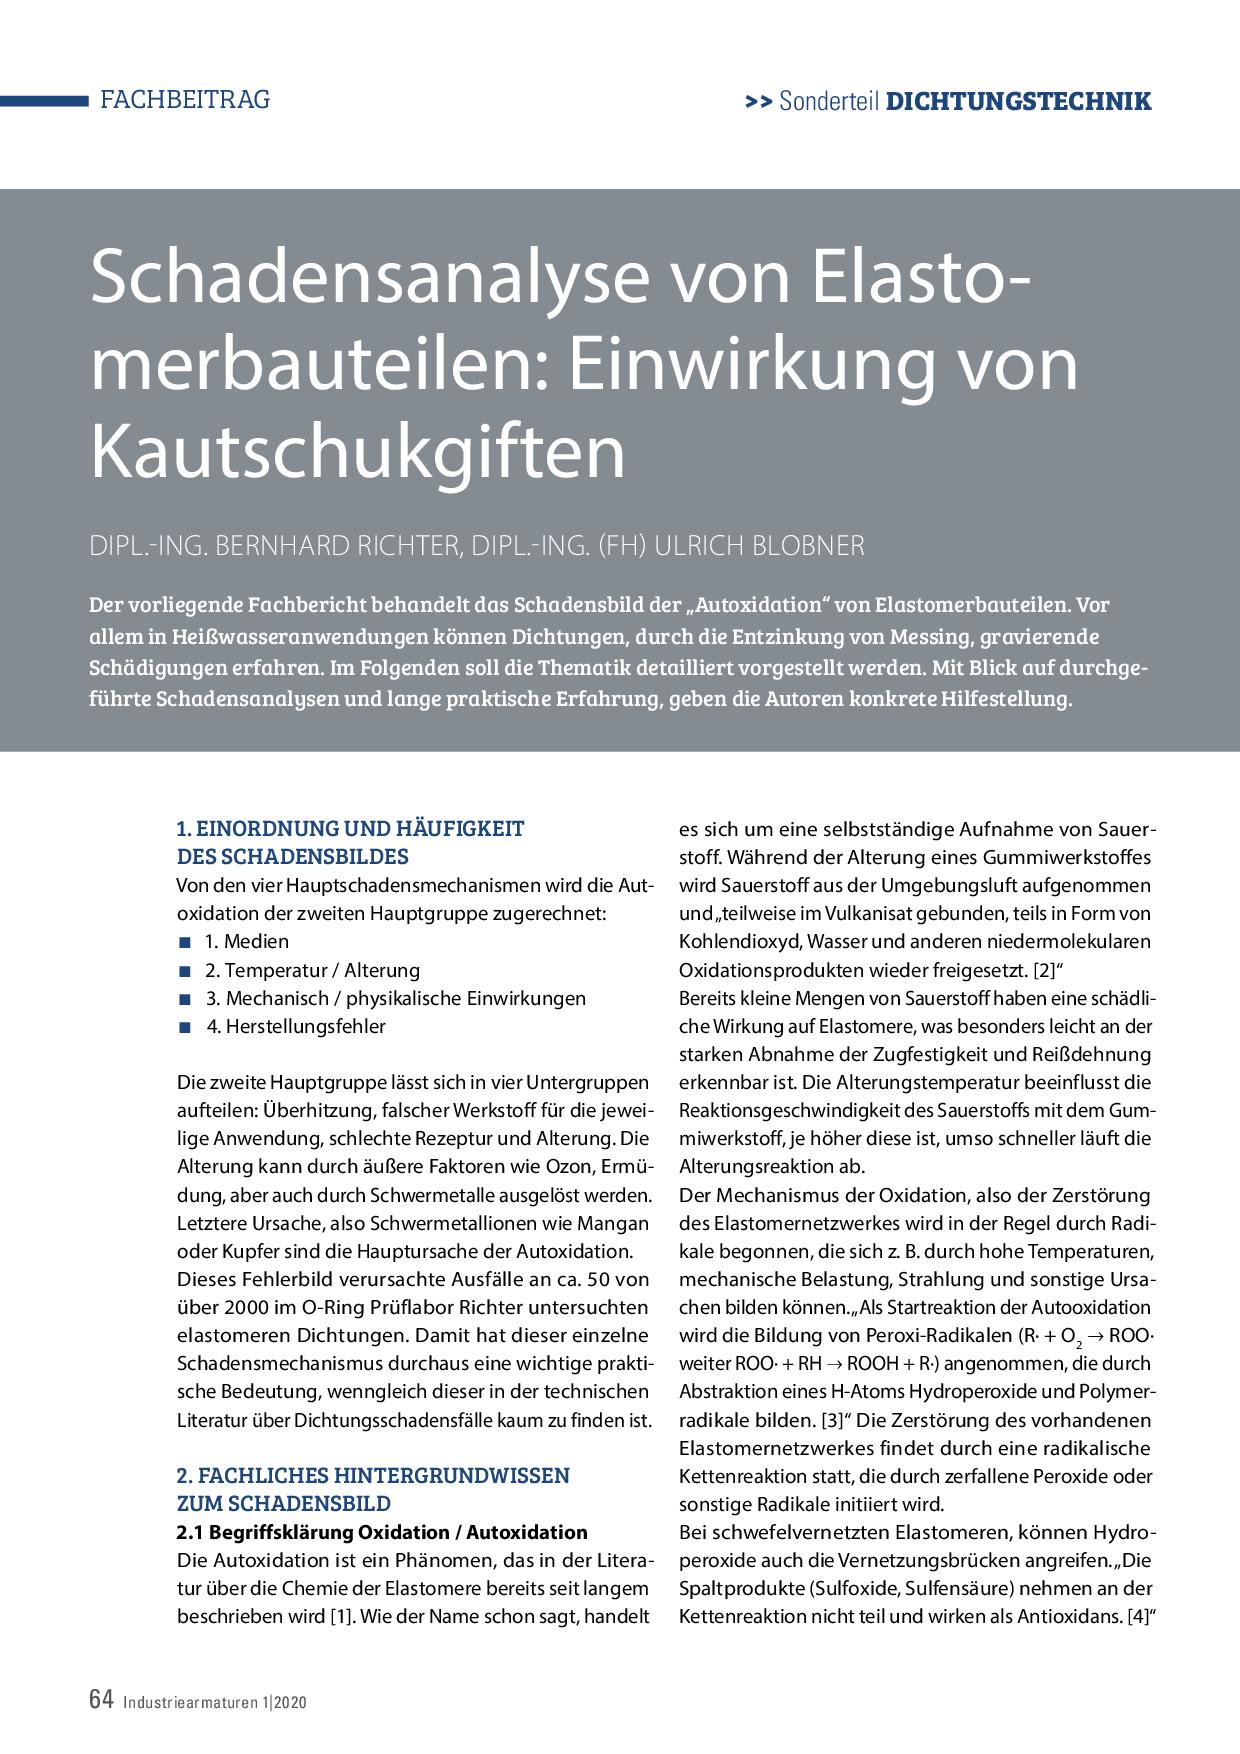 Schadensanalyse von Elastomerbauteilen: Einwirkung von Kautschukgiften